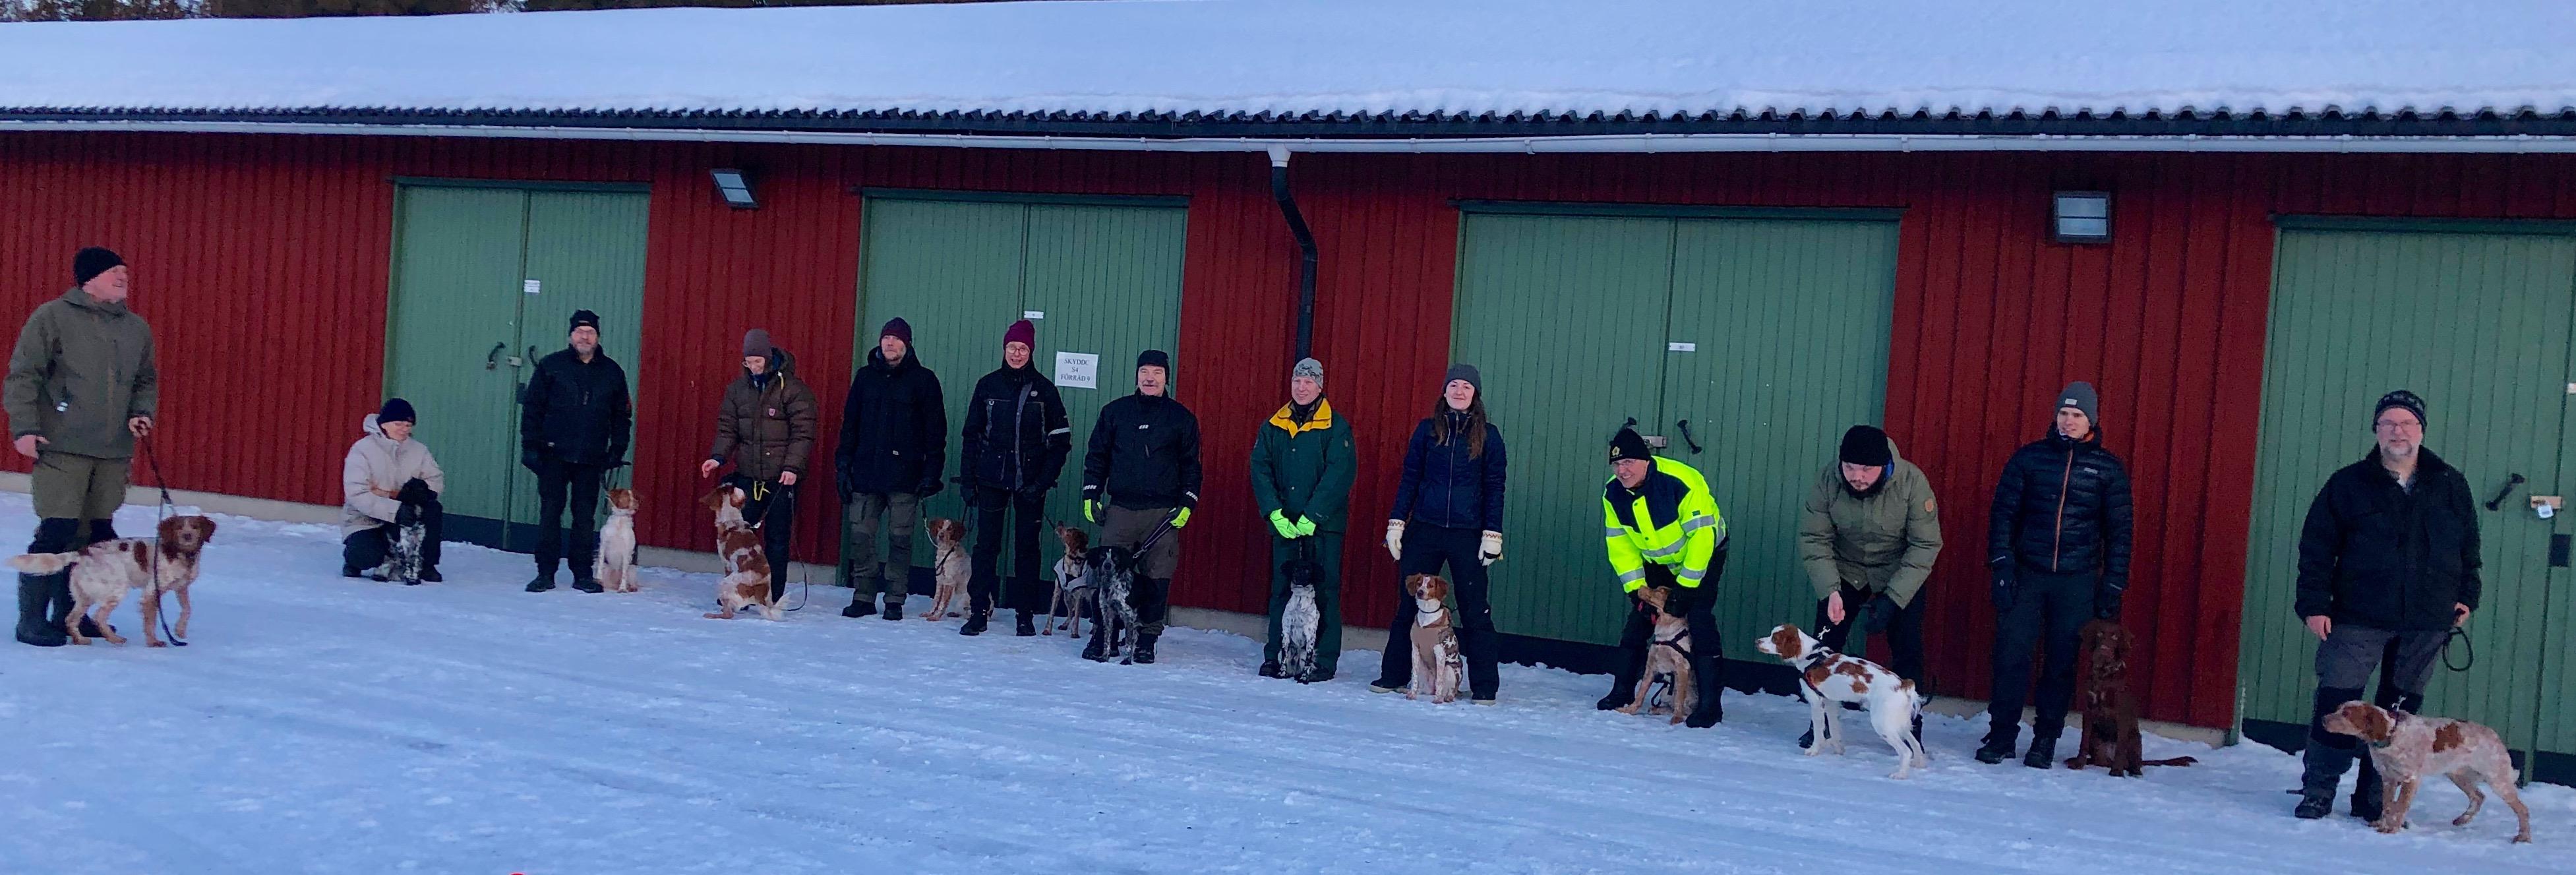 Rapport Från Den Allmänna Dressyrkursen För Valpar Och Unghundar I Umeå 12/1 – 13/1 2019.